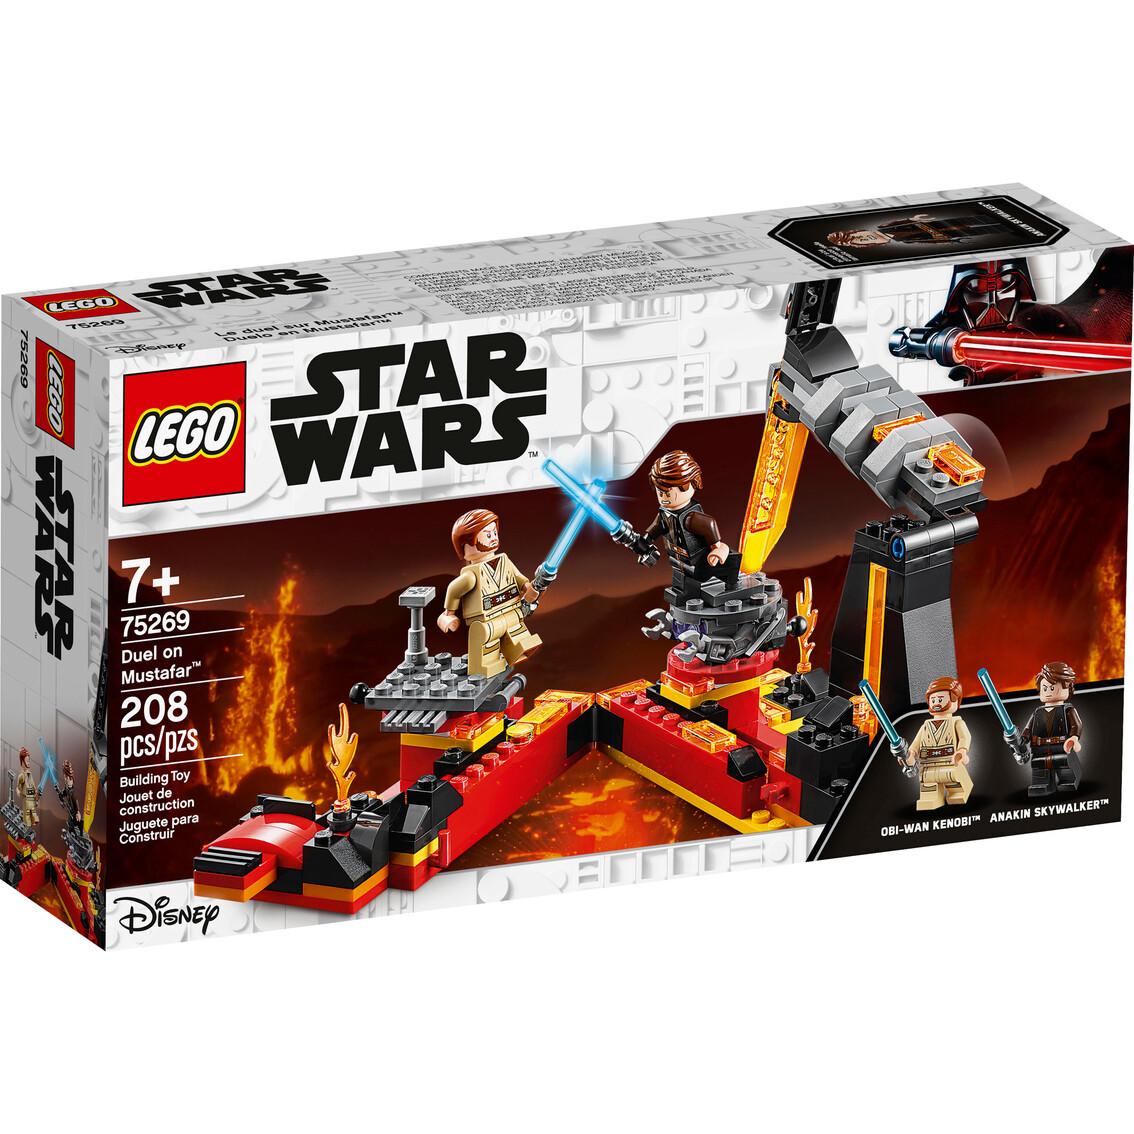 Lego Star Wars for homeless child